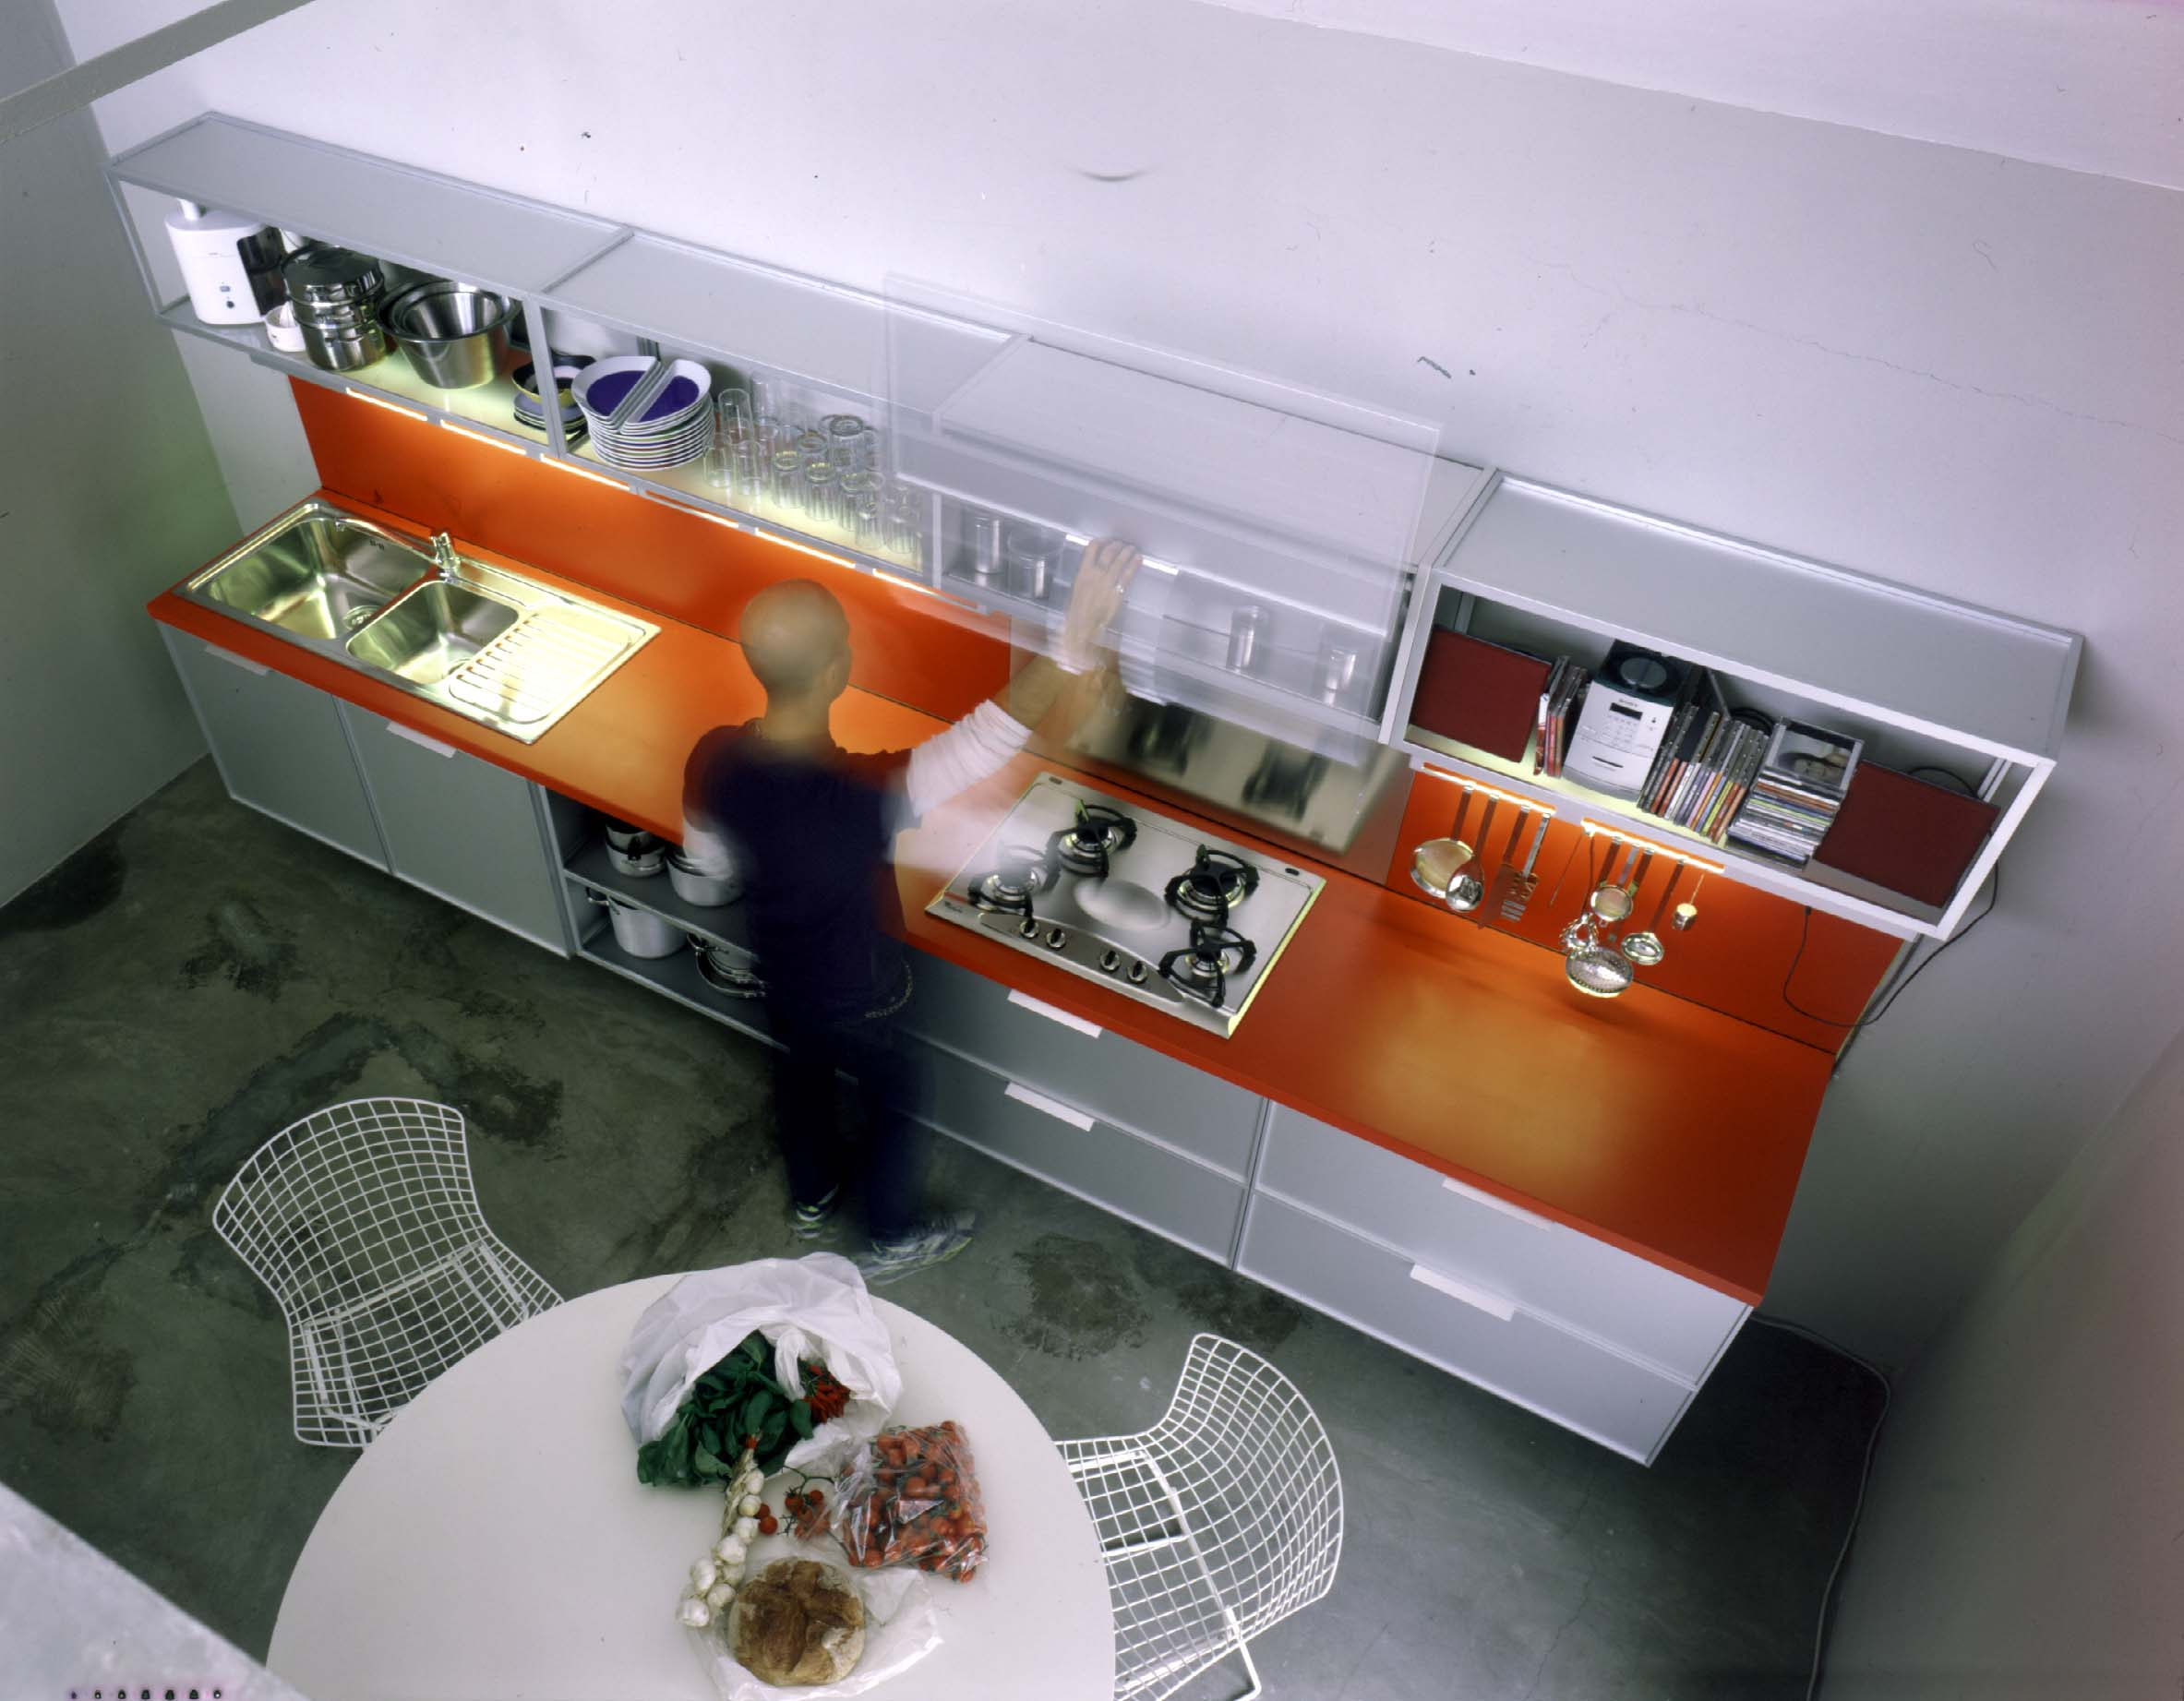 Cucina Quadrante - Dada_2.jpg